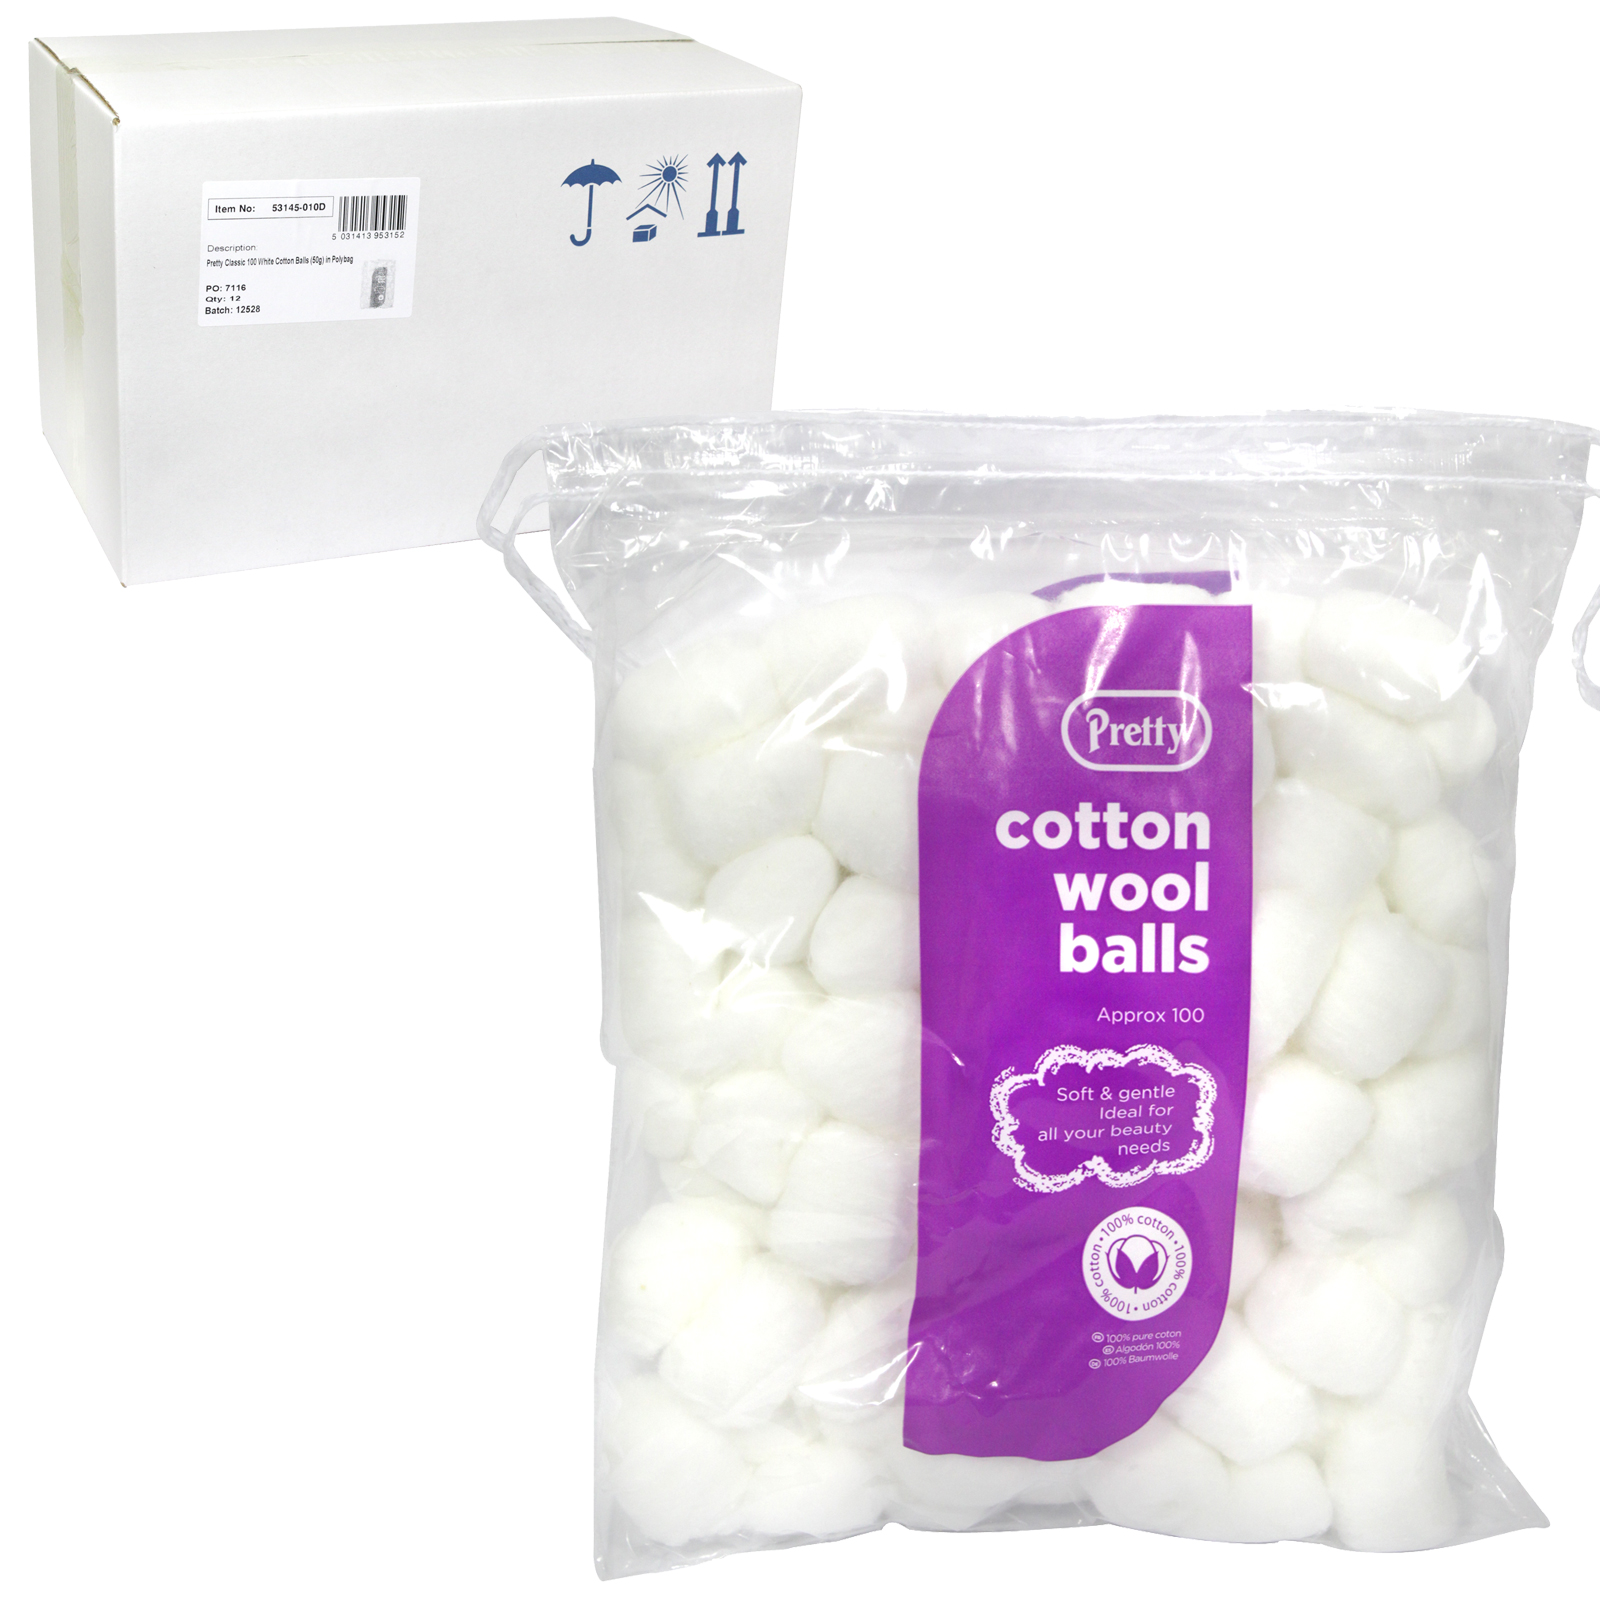 PRETTY COTTON WOOL BALLS 100S WHITE X12